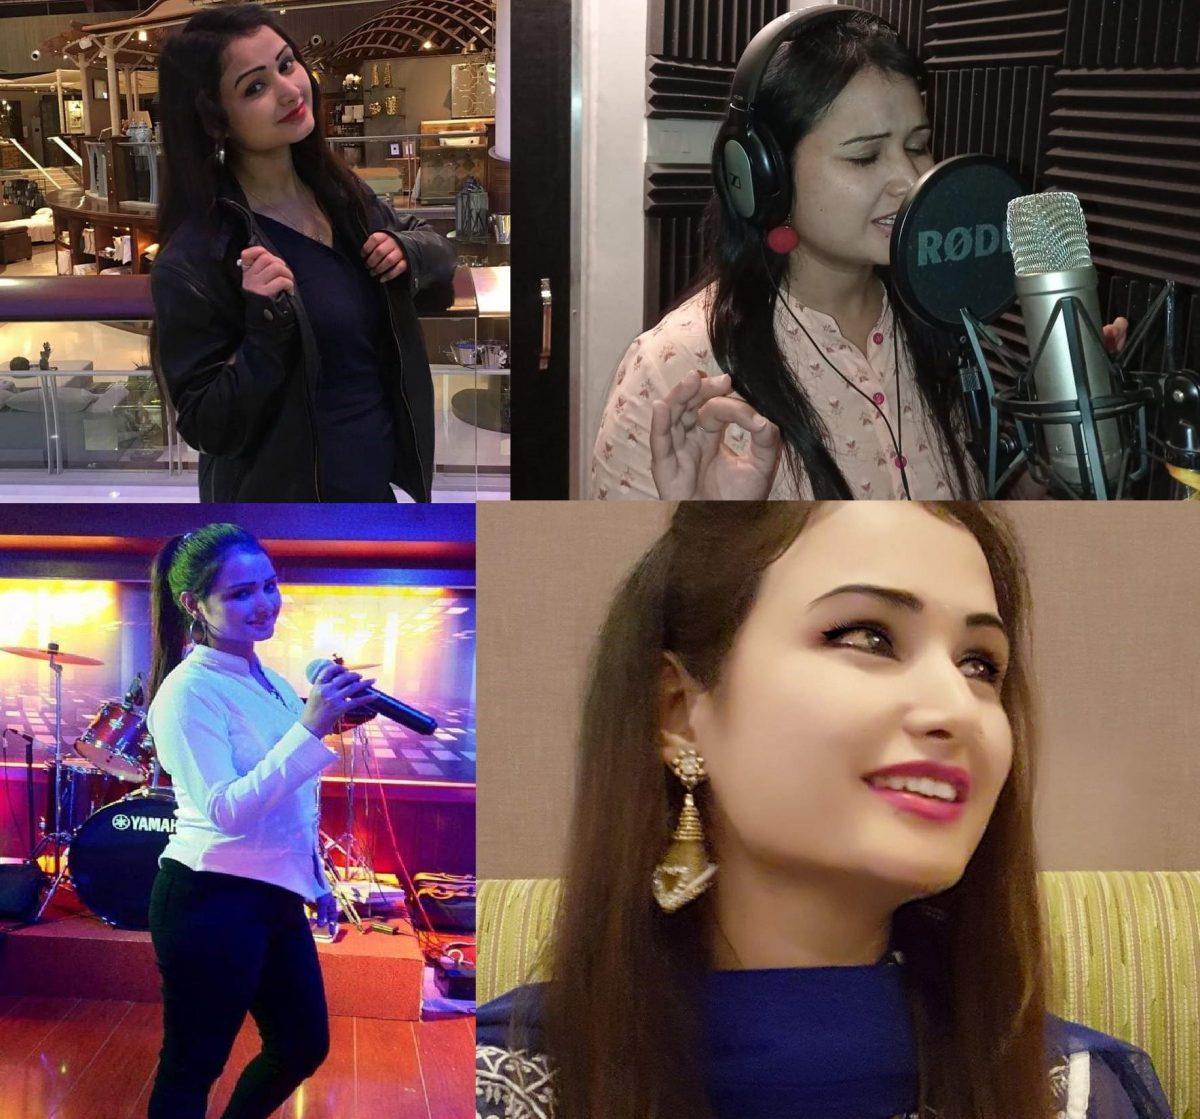 संगीत की दुनिया में नाम रोशन कर रही उत्तराखंड की प्रतिभावान बेटी अंजलि राणा